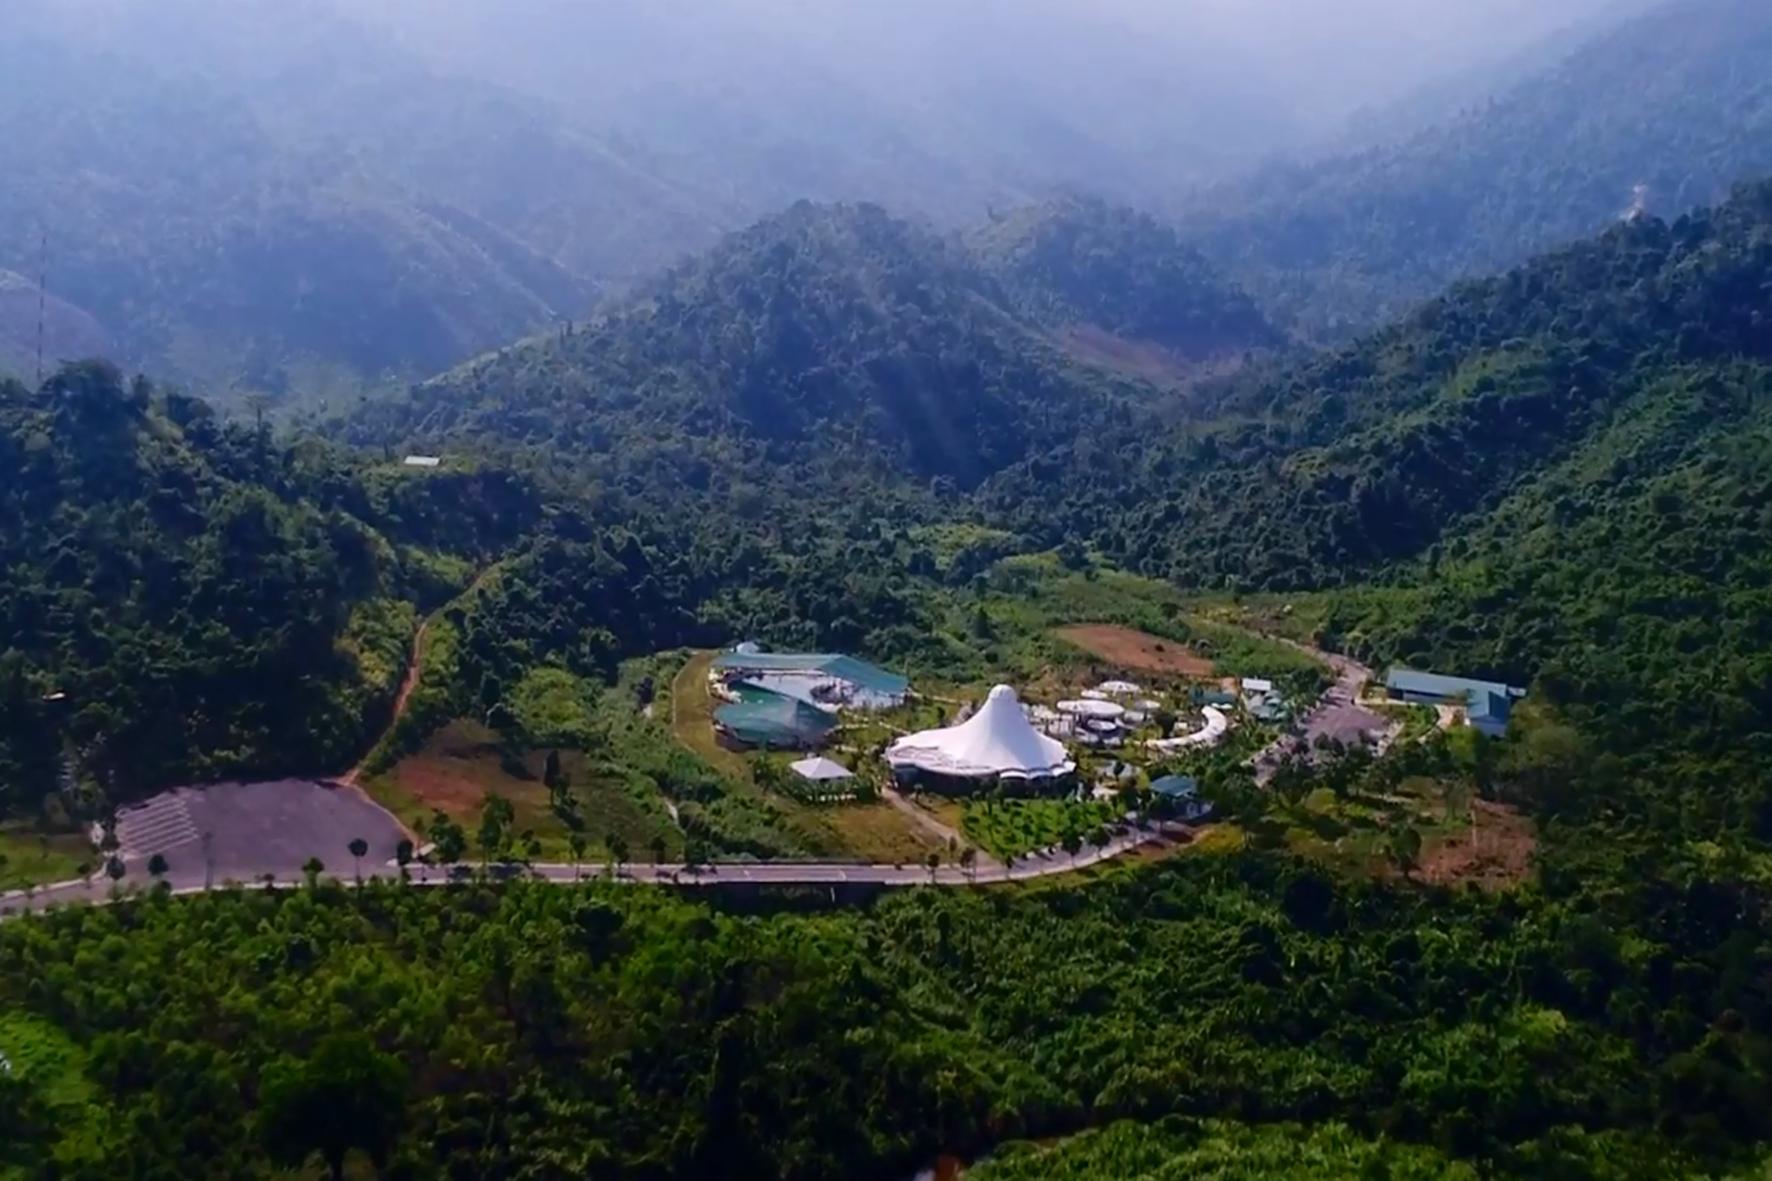 Công viên Du lịch Yang Bay: Tạm dừng đón khách từ ngày 24/3